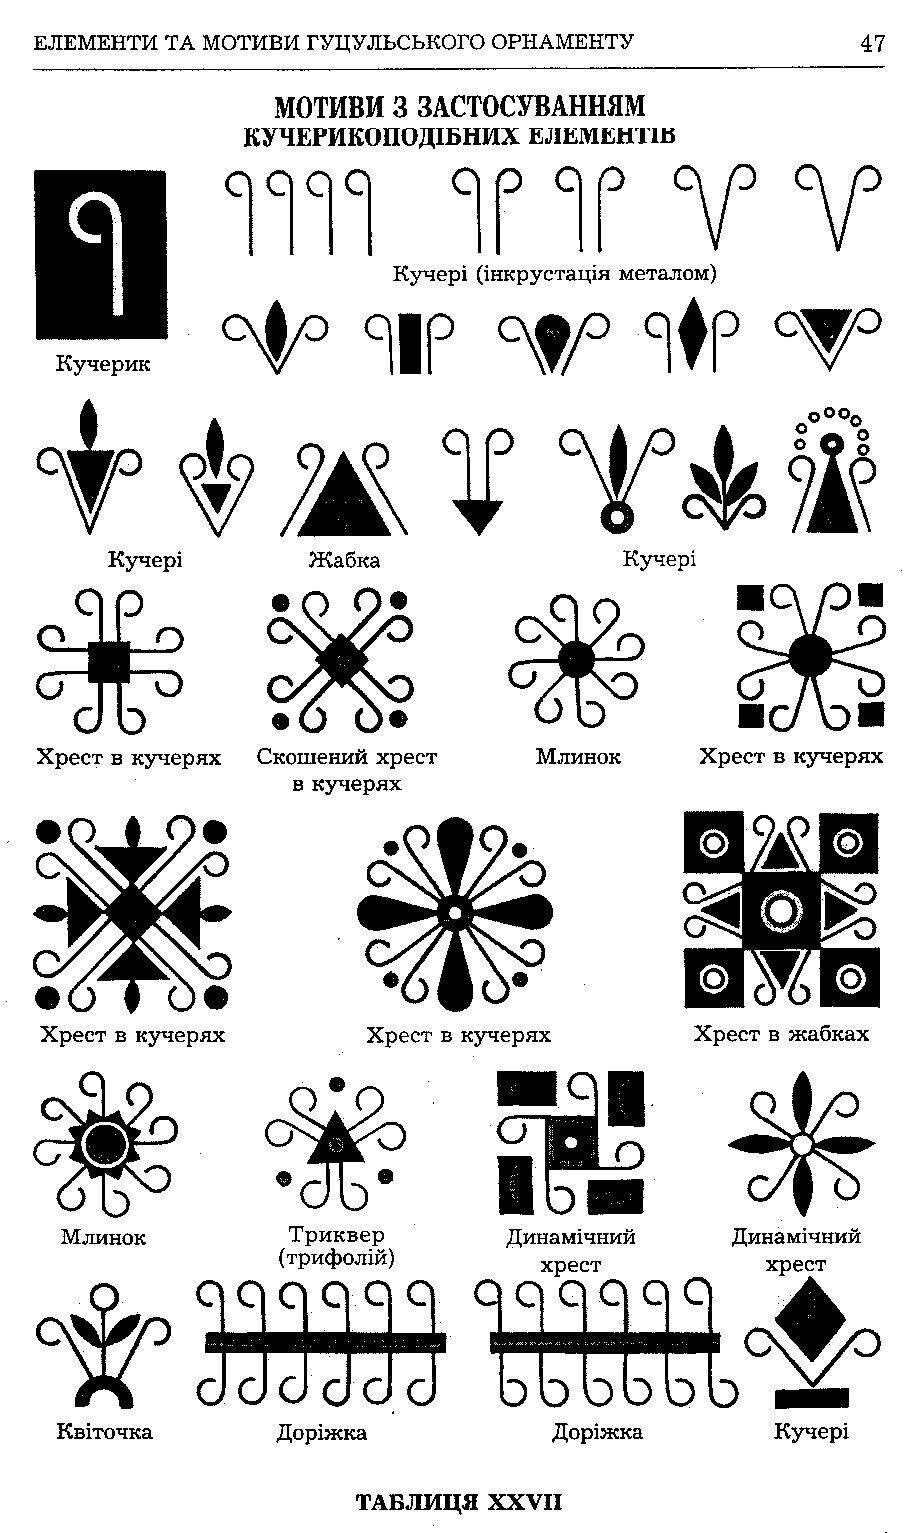 Tablitsya27-Motivi-z-zastosuvannyam-kucherikopodibnih-elementiv